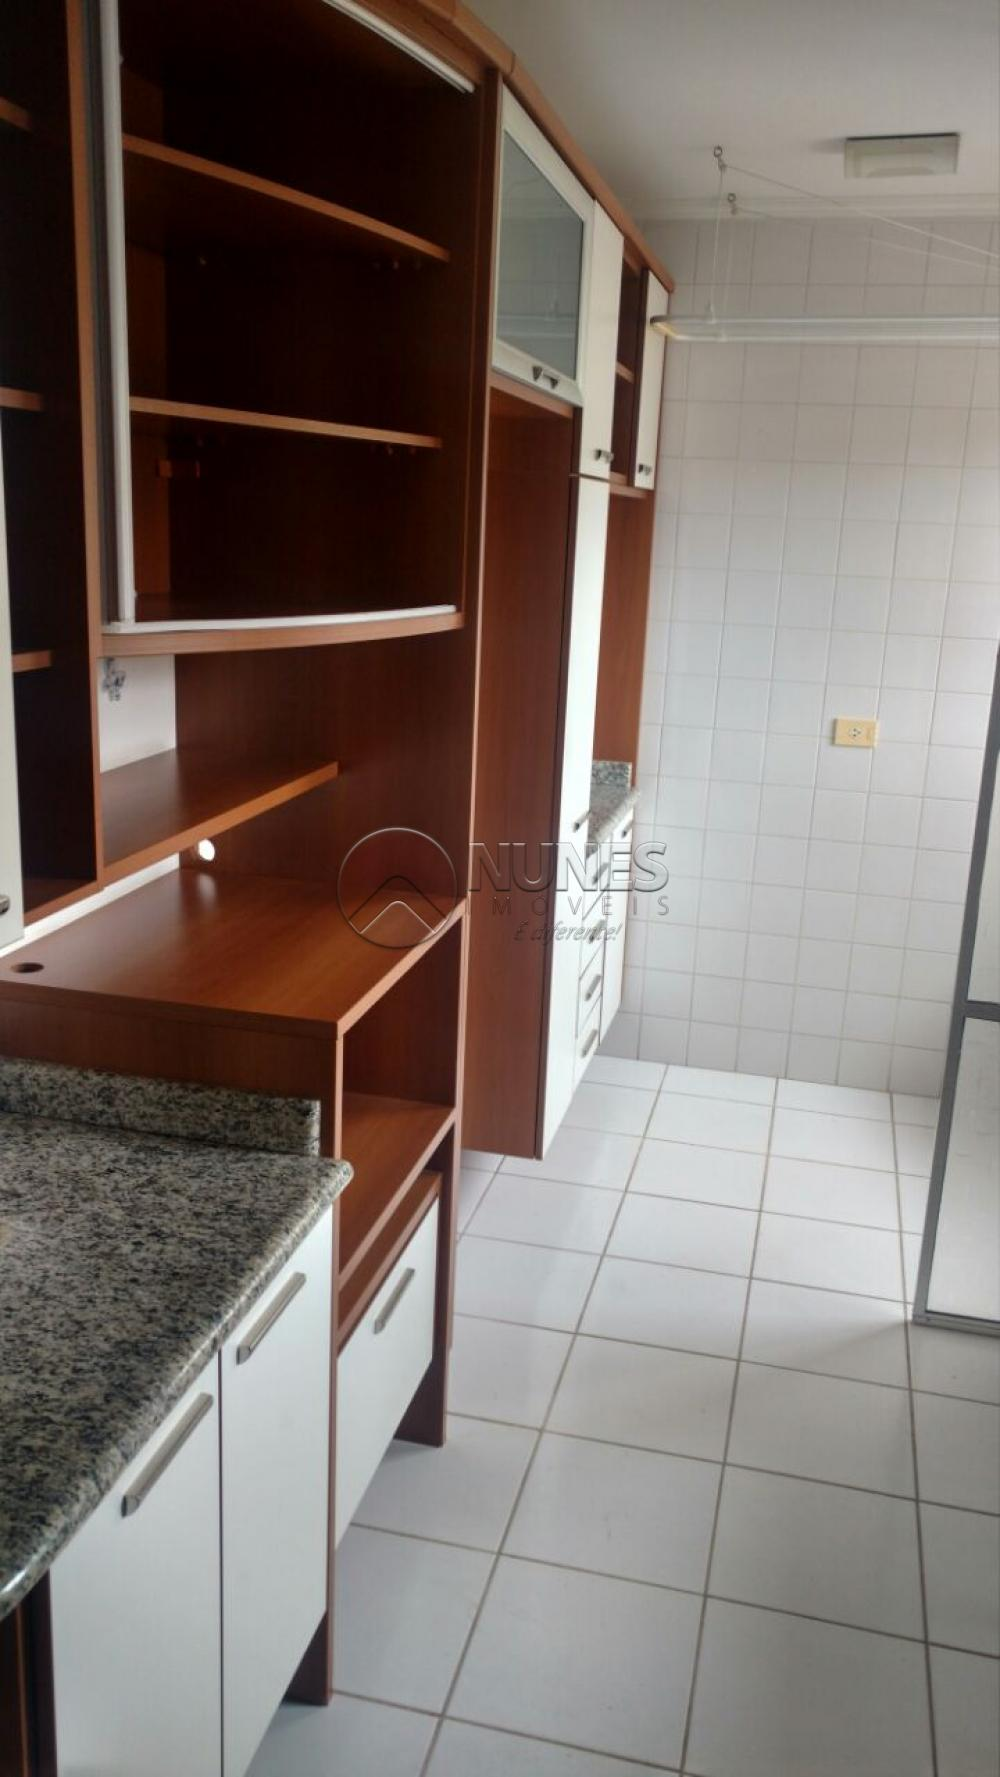 Alugar Apartamento / Padrão em Osasco R$ 900,00 - Foto 4